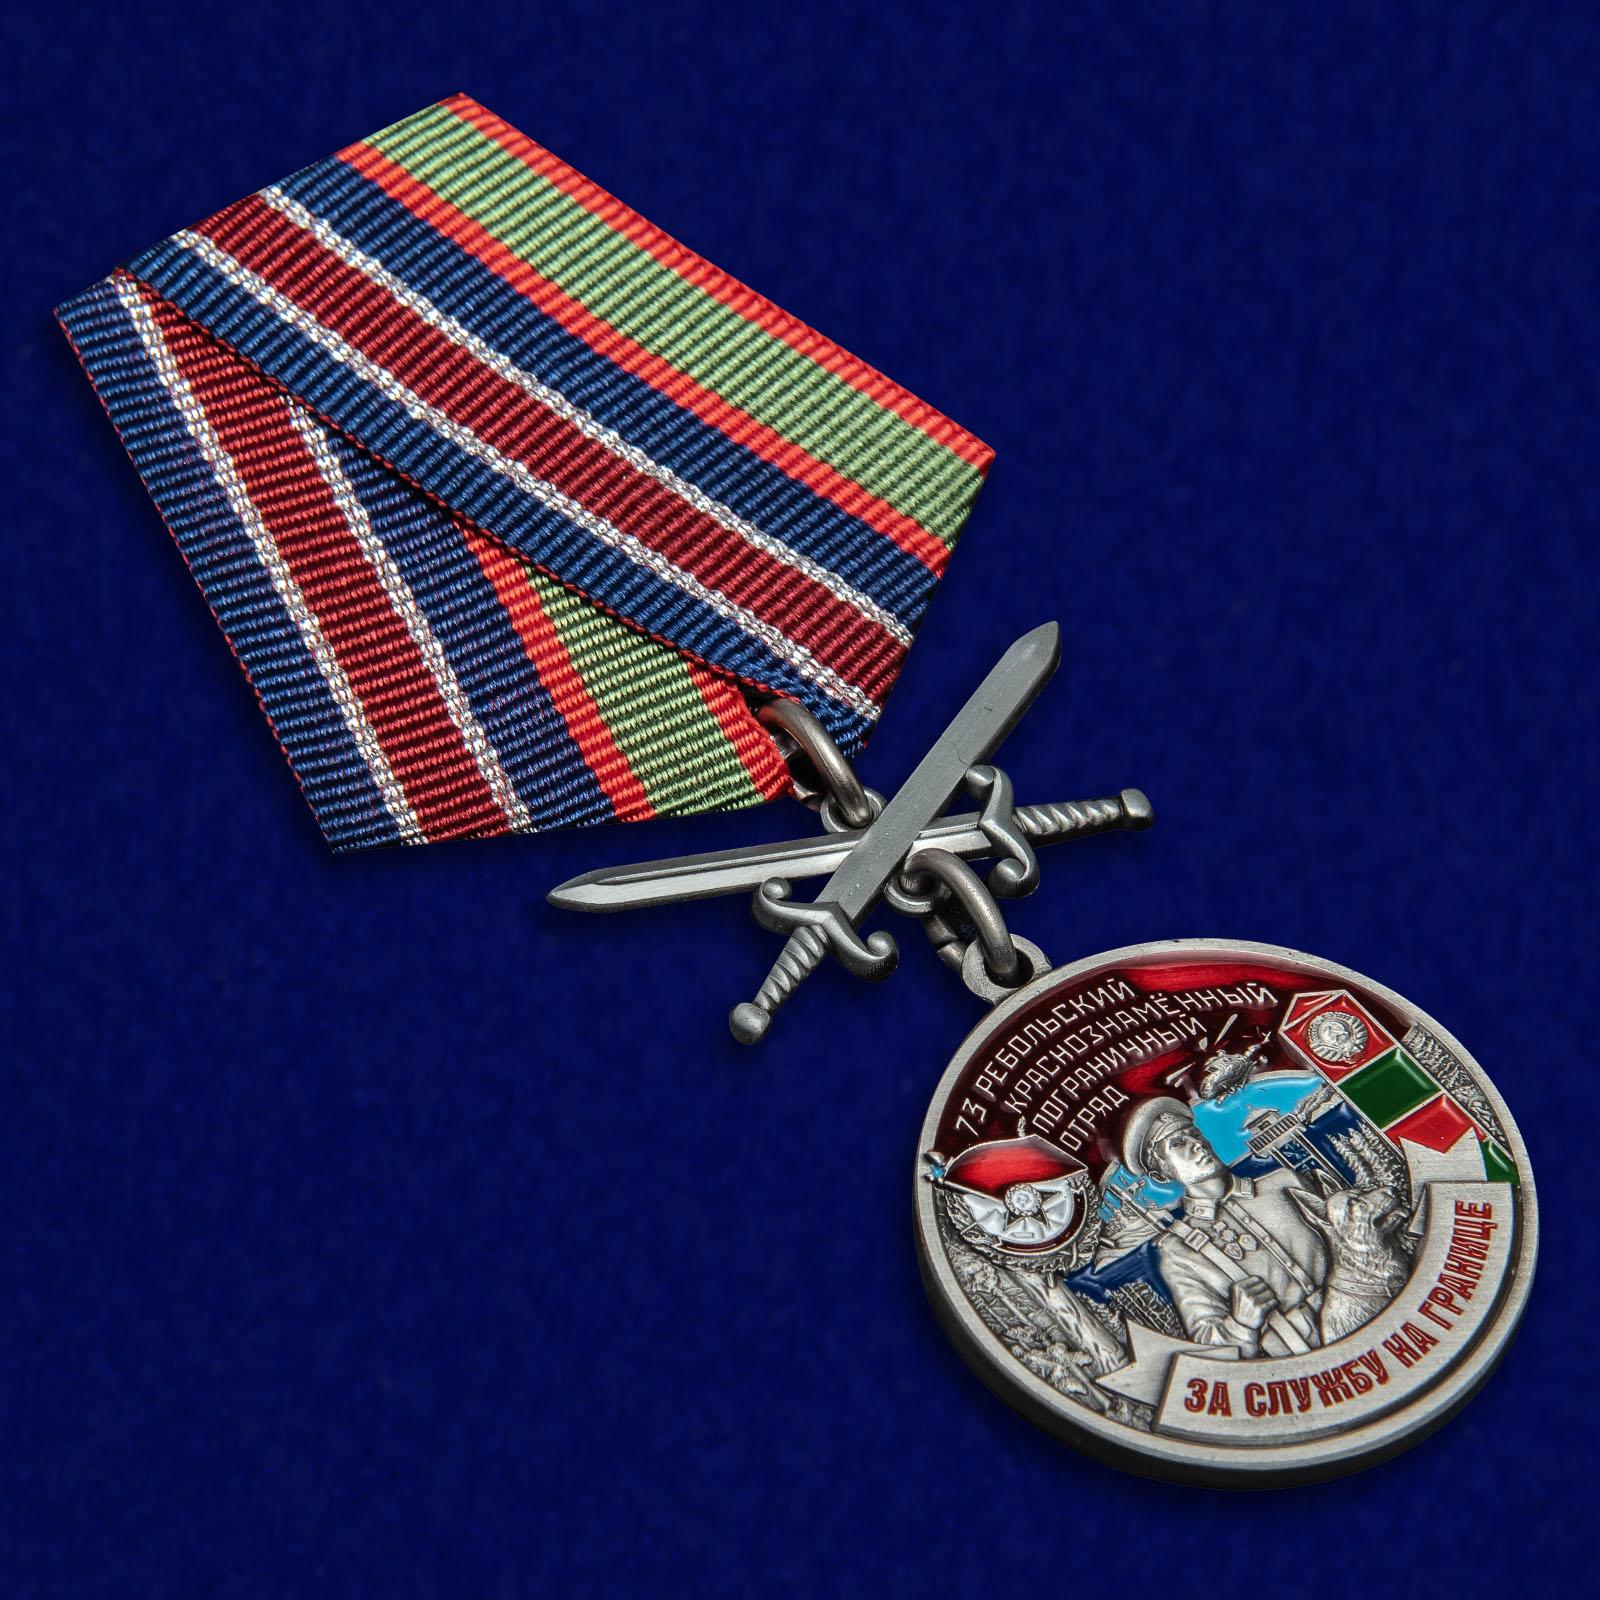 Нагрудная медаль За службу на границе (73 Ребольский ПогО) - общий вид